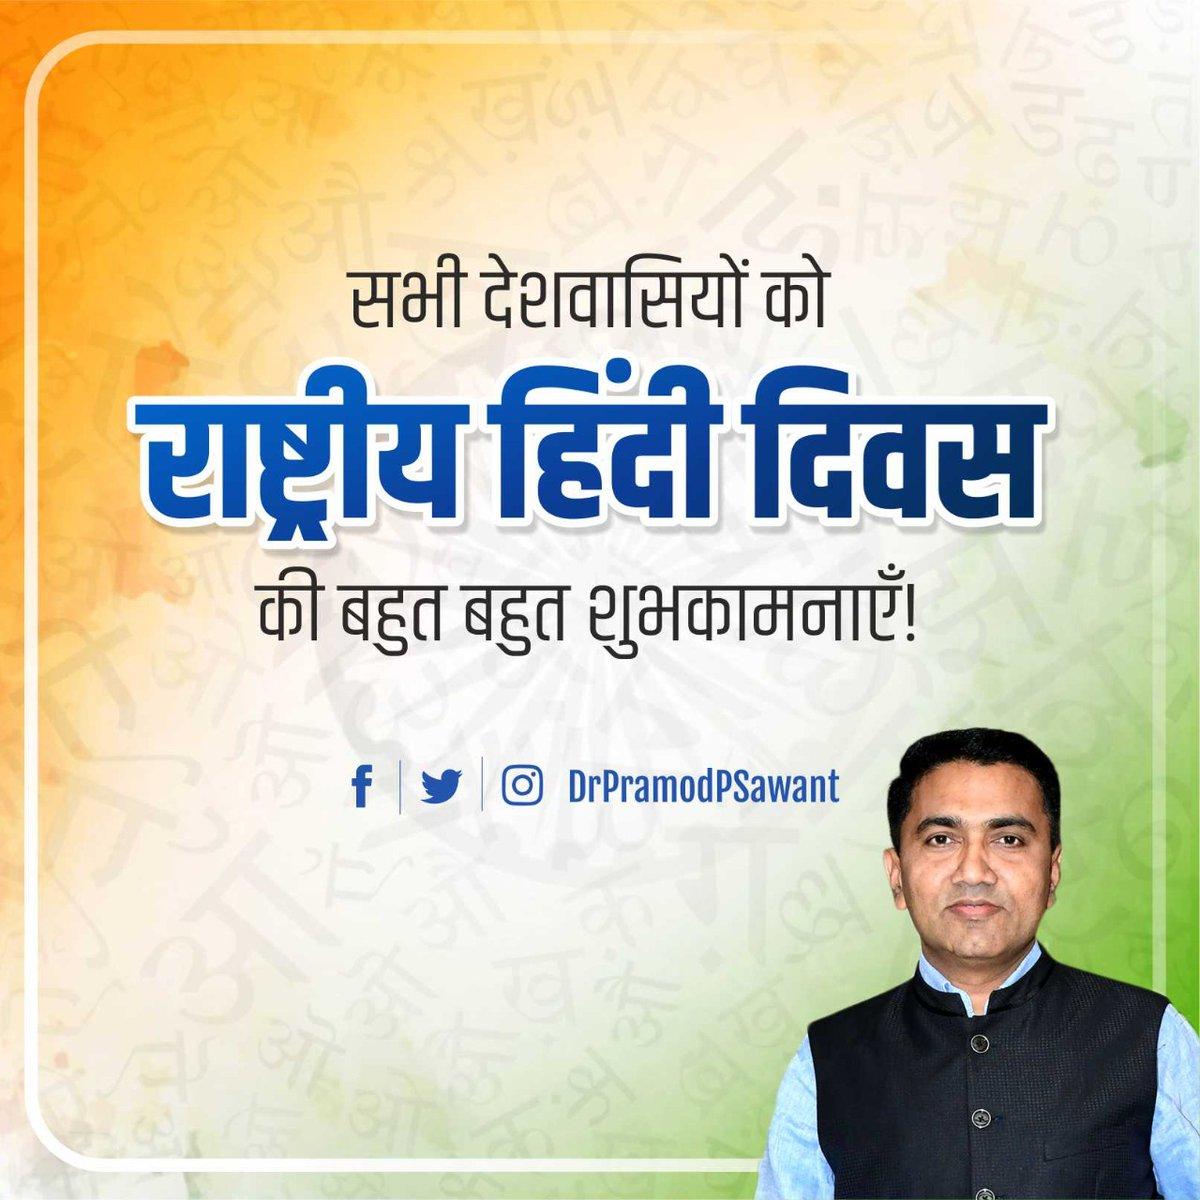 सभी देशवासियों को राष्ट्रीय हिंदी दिवस की बहुत बहुत शुभकामनाएँ! #HindiDiwas2020 https://t.co/Y4bhIpV4hr